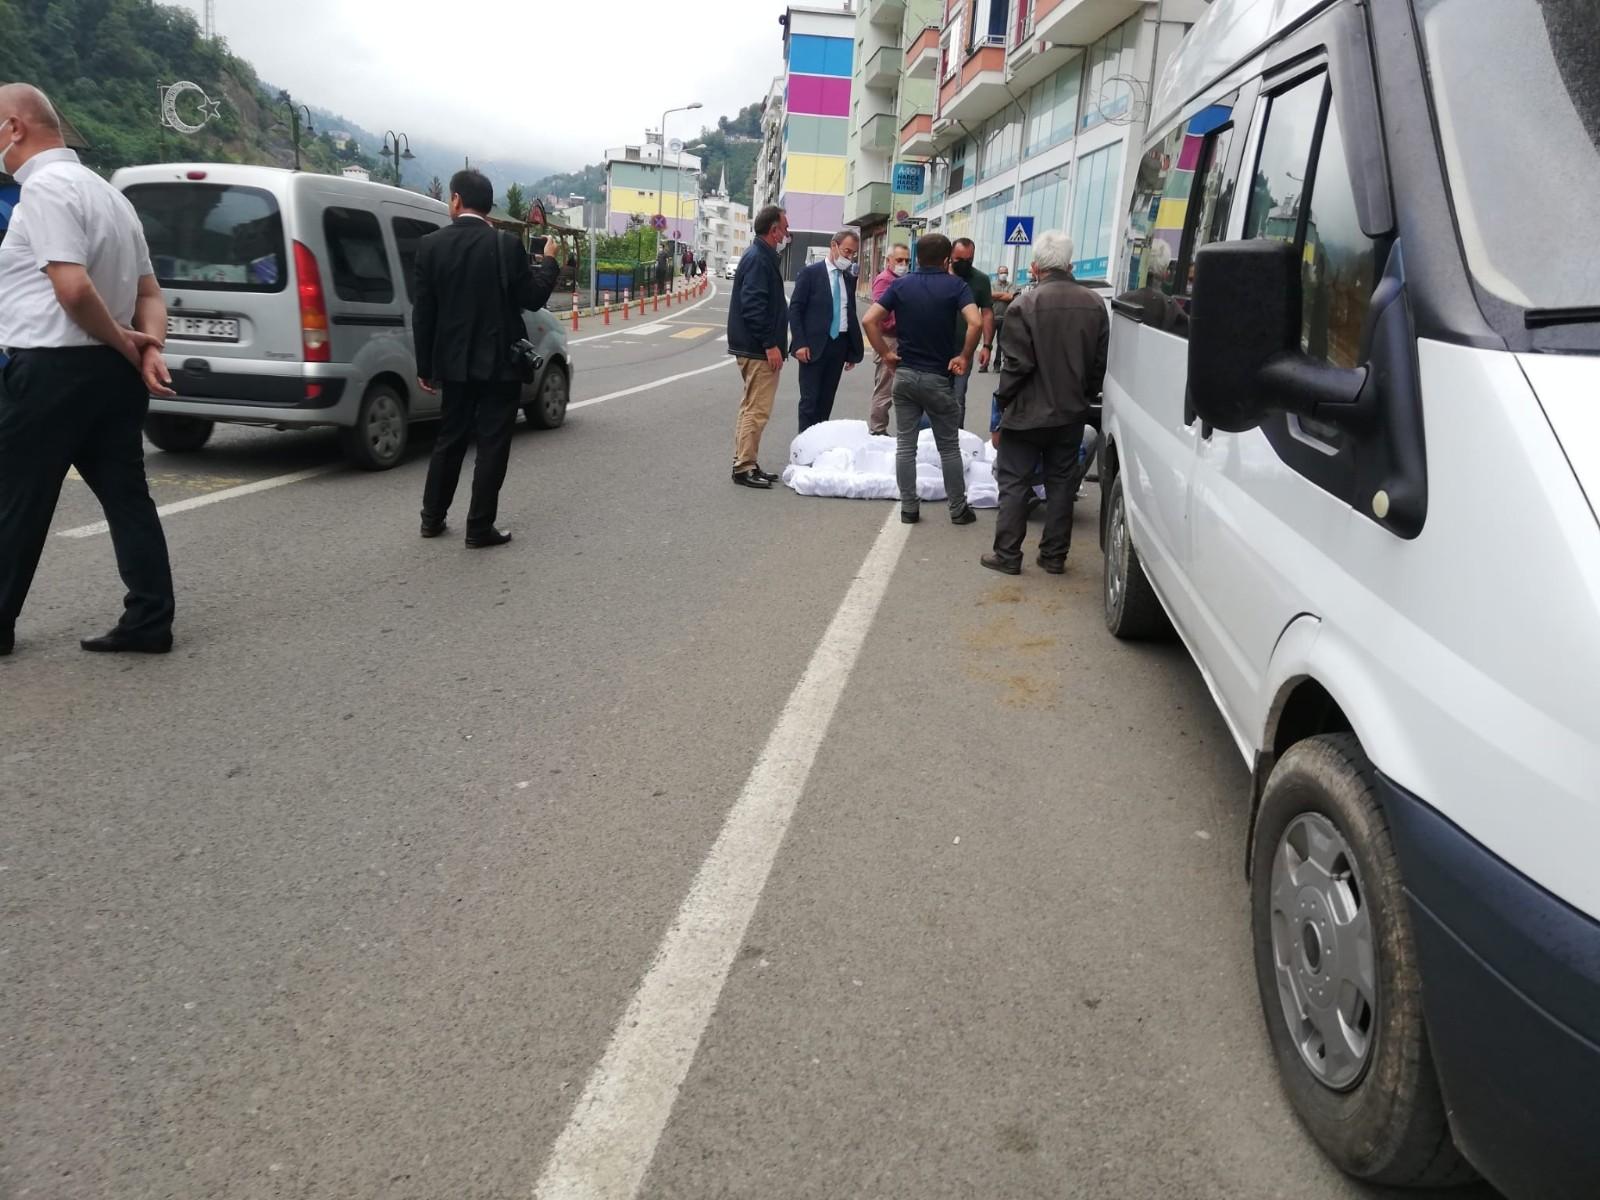 Trabzon'da Şalpazarı Belediye Başkanı fabrikada bulunan şapkaları sokağa atıp yaktı